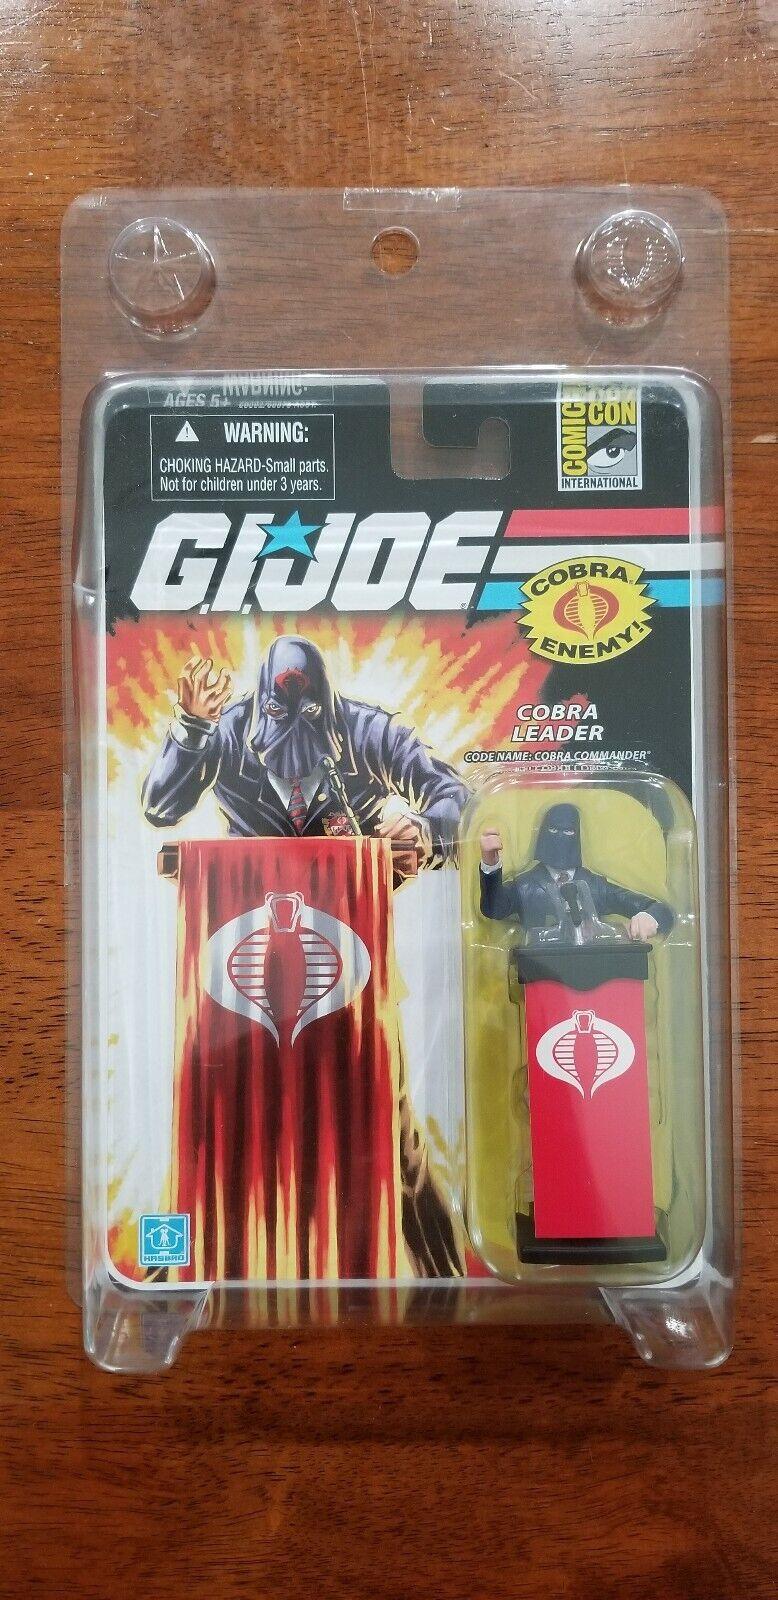 Sdcc 2008 Hasbro Exclusivo Gi Joe Cobra Commander acto Fig Variante azul Traje